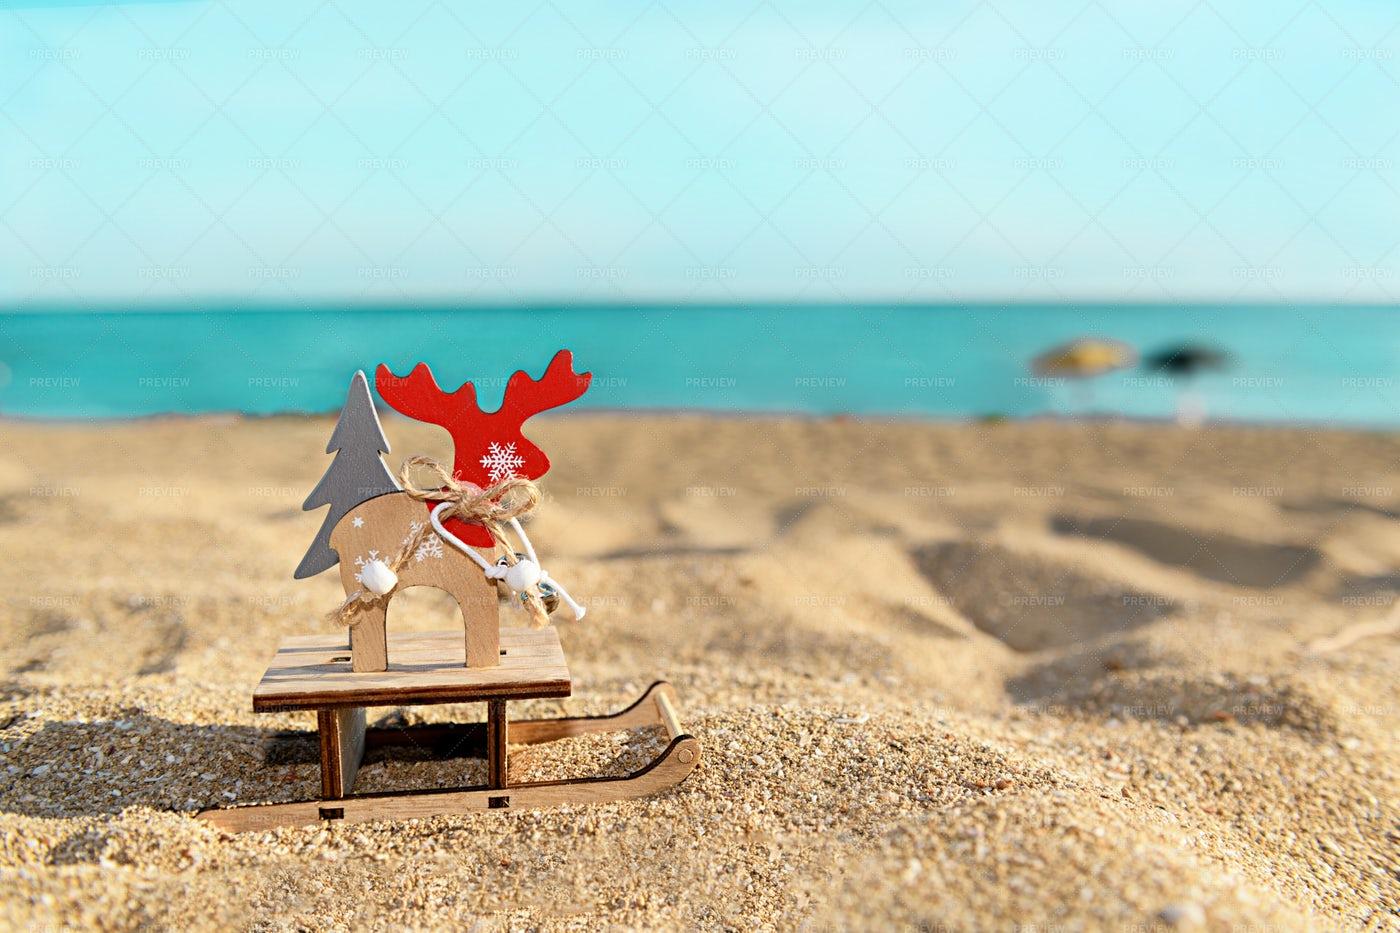 Reindeer Christmas Ornament On Beach: Stock Photos